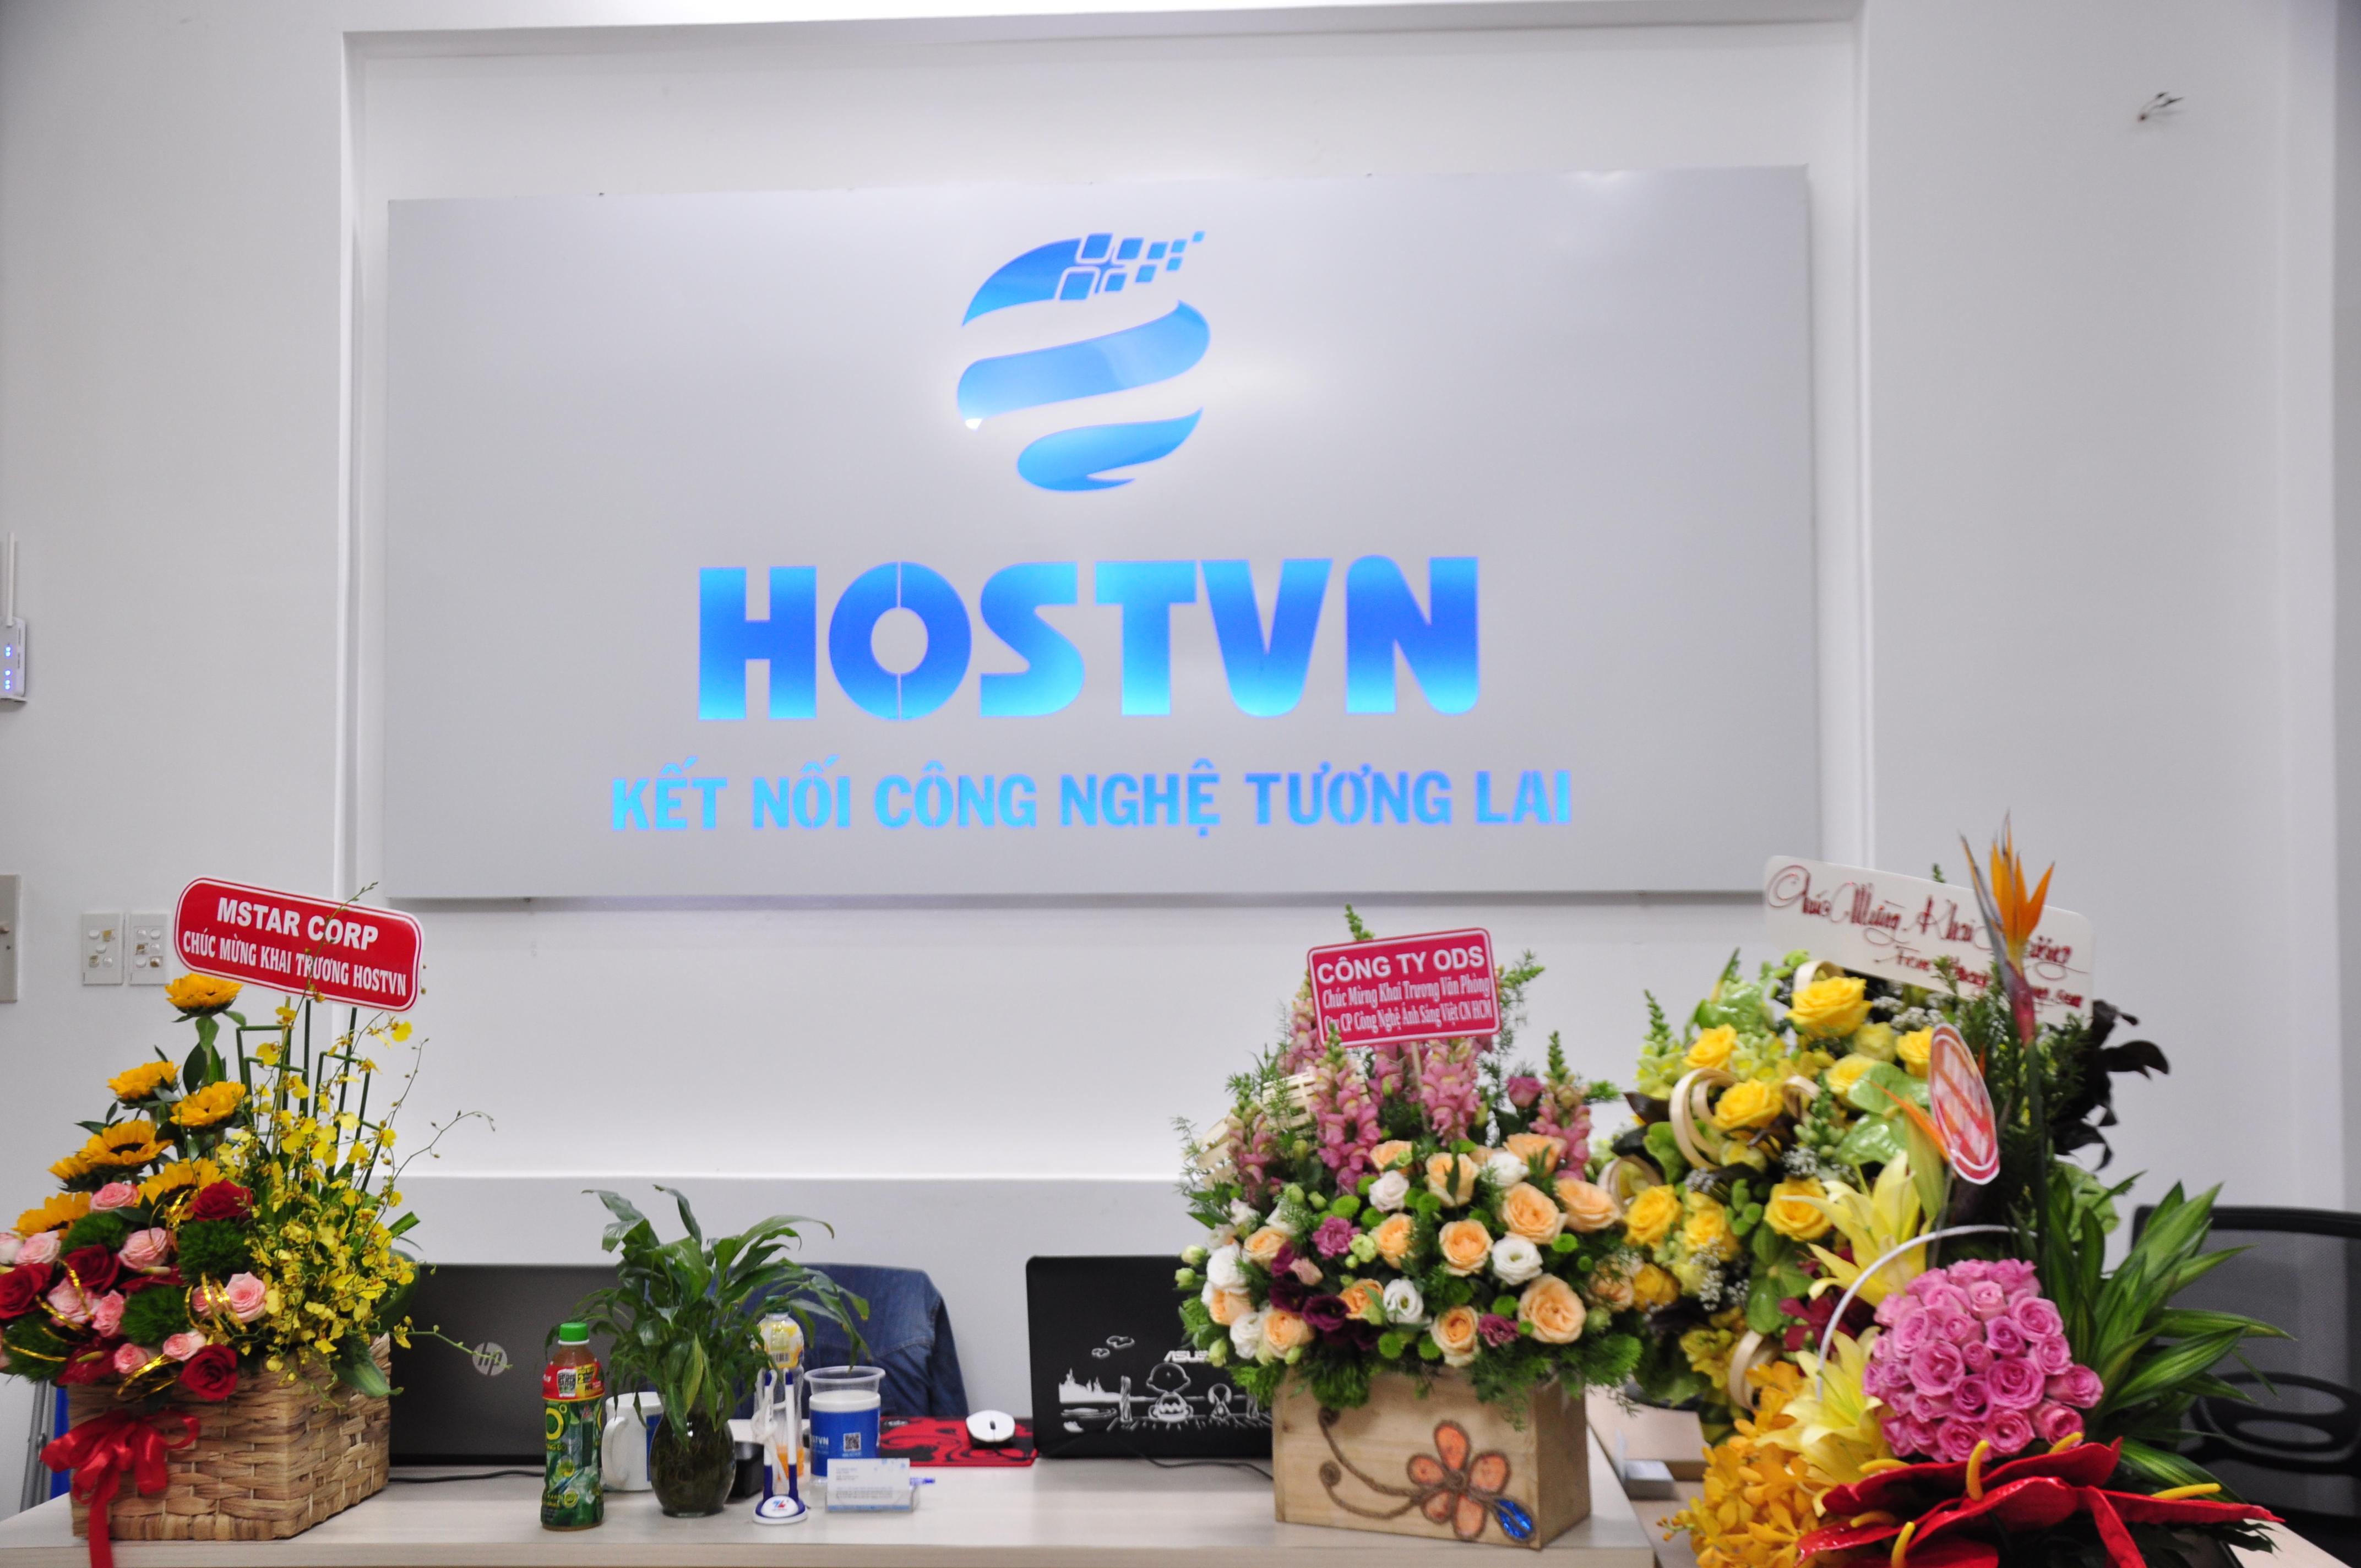 HOSTVN khai trương văn phòng tại TPHCM